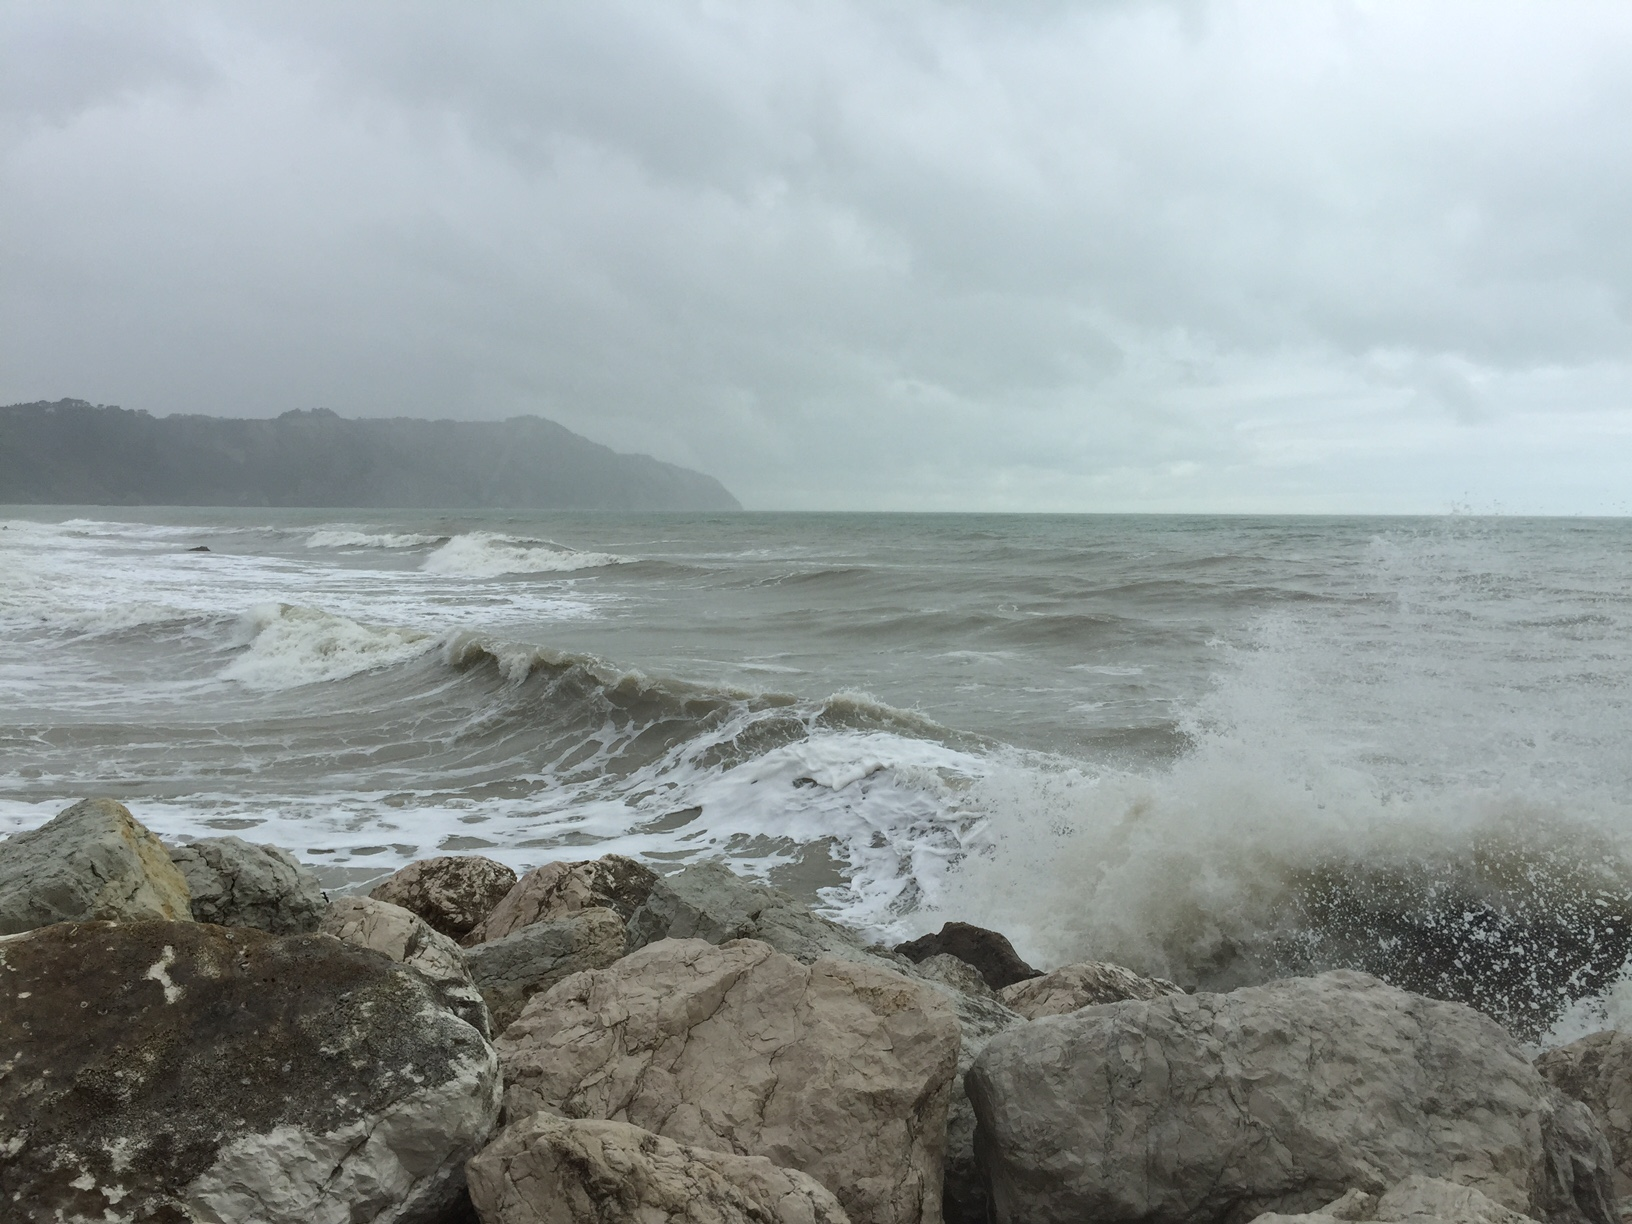 La baia di Portonovo con il mare in tempesta